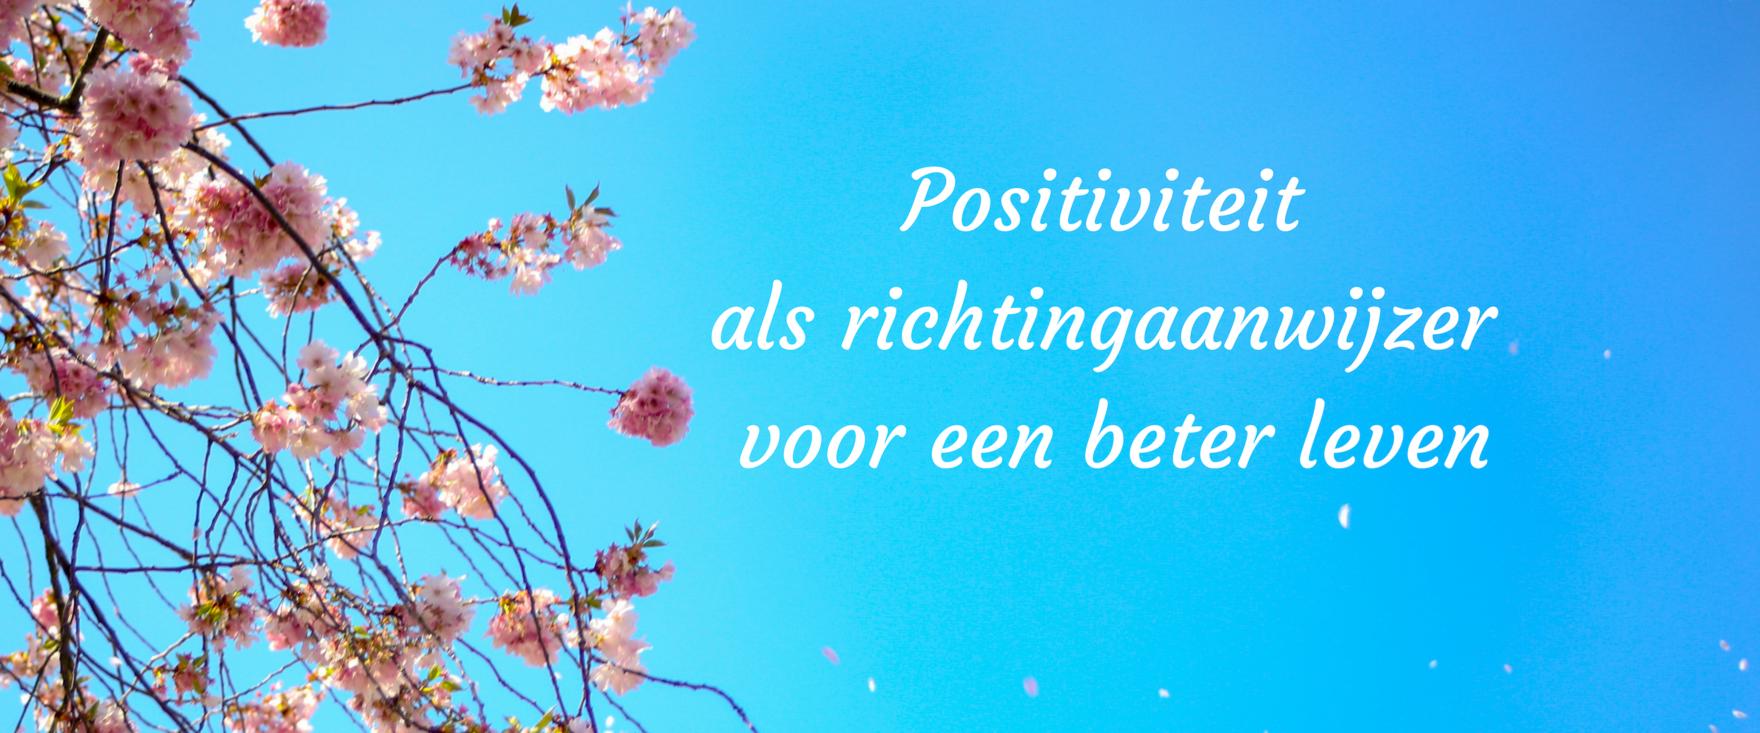 positiviteit.png